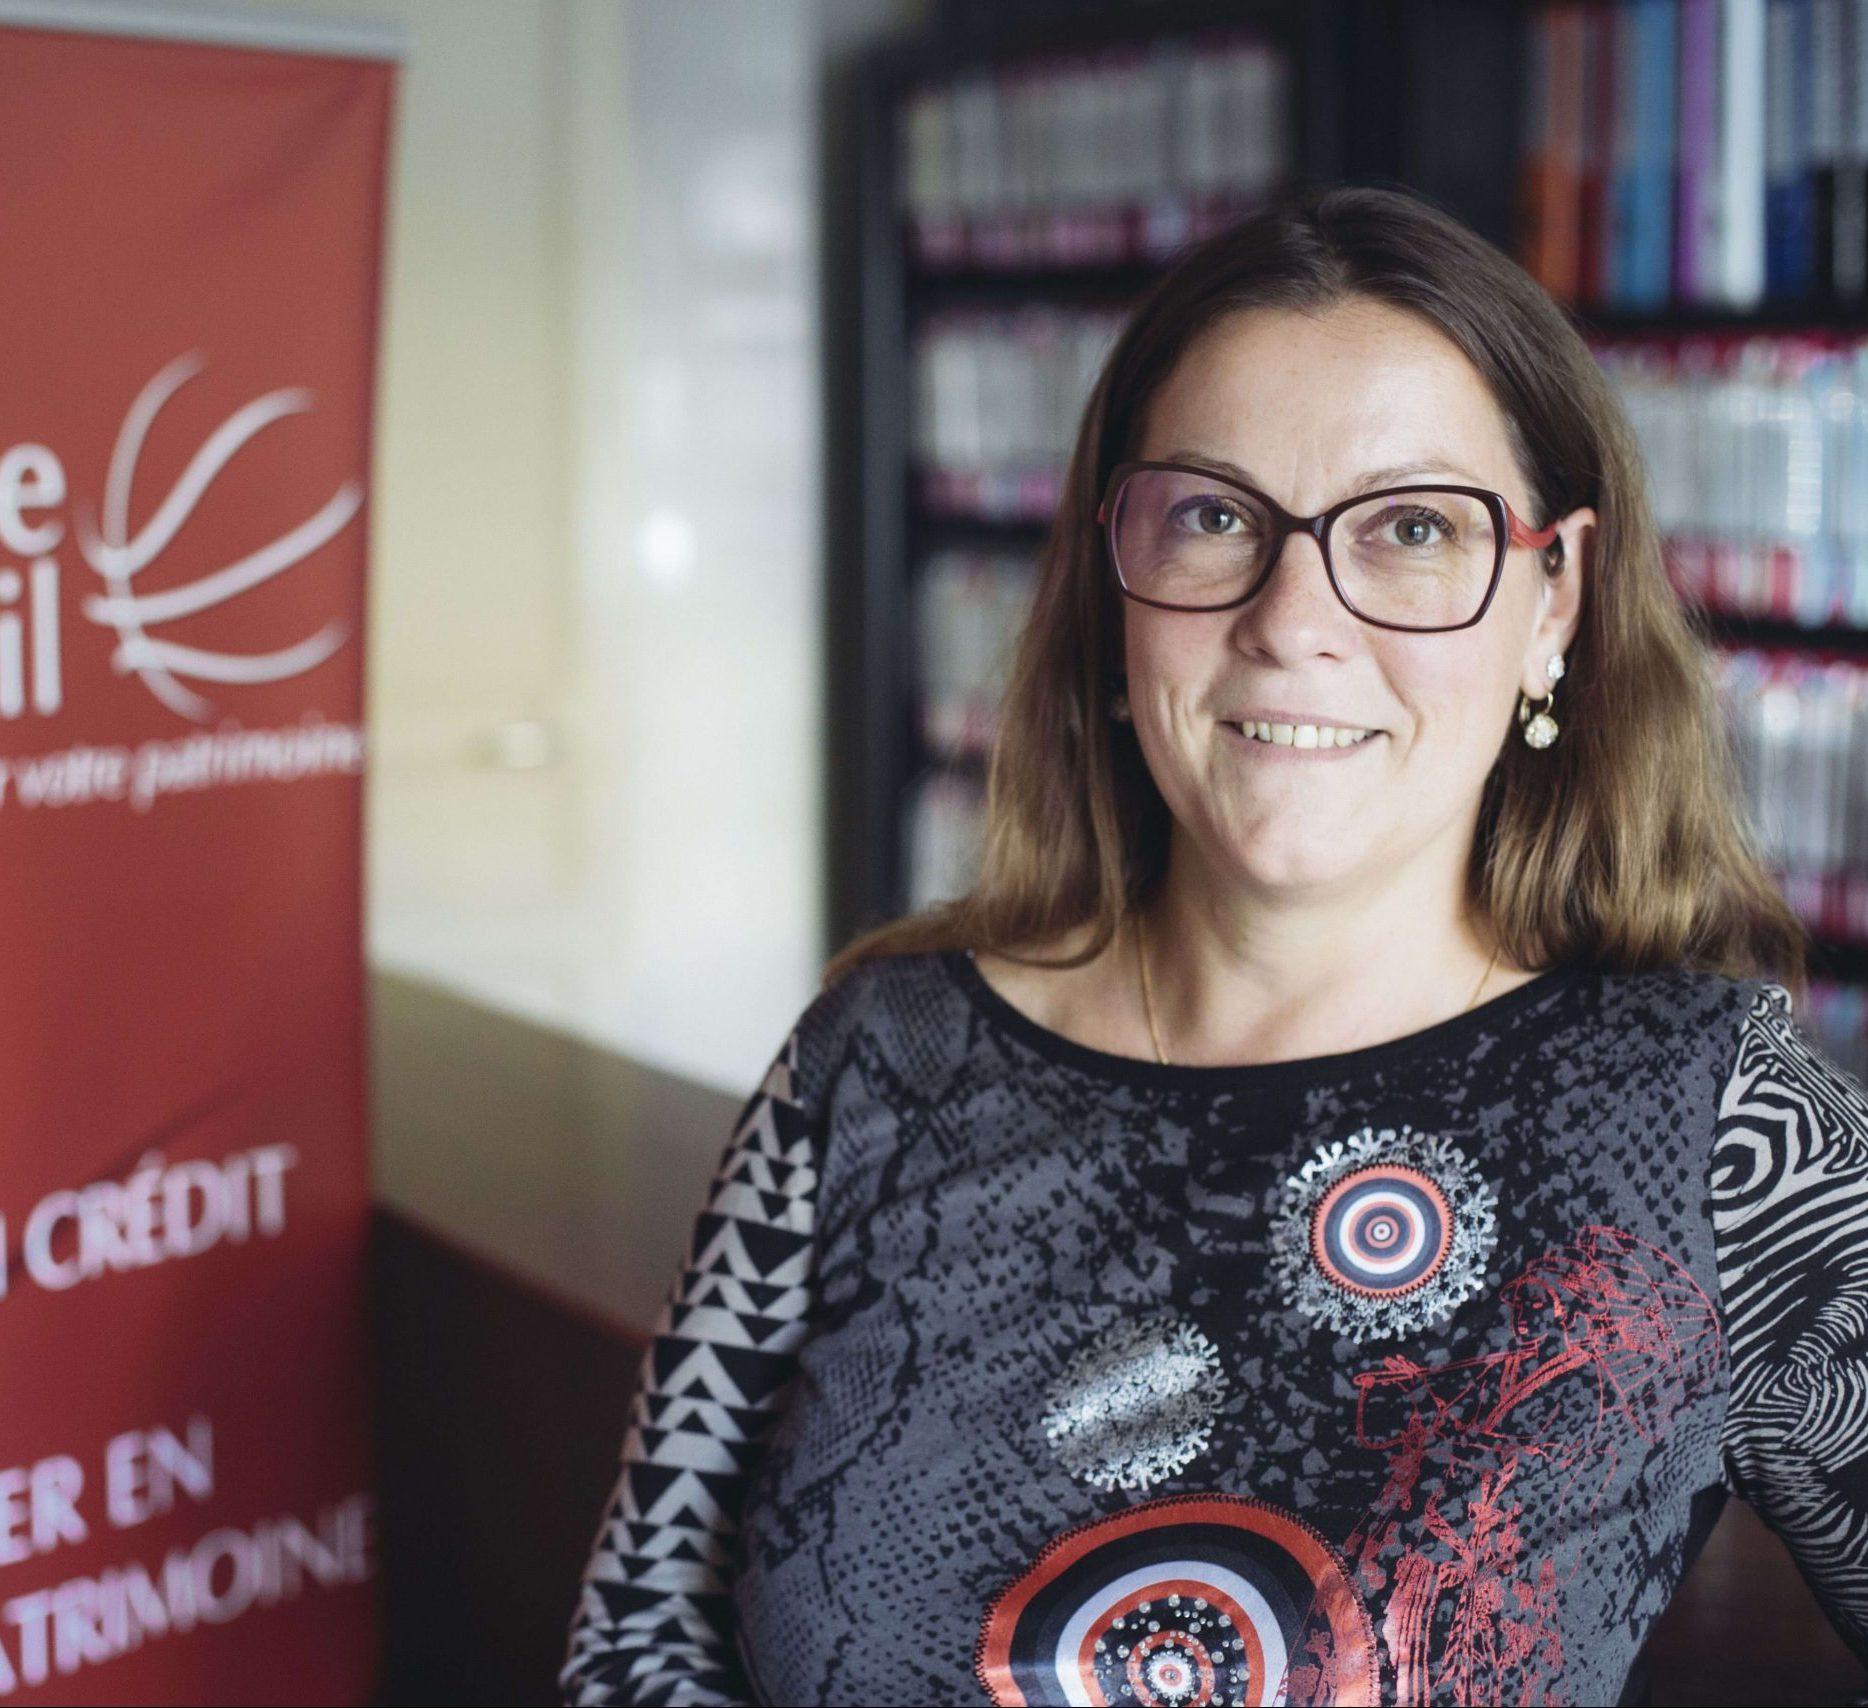 Courtier en crédit, épargne et assurance à Vichy - Agnès Gelin